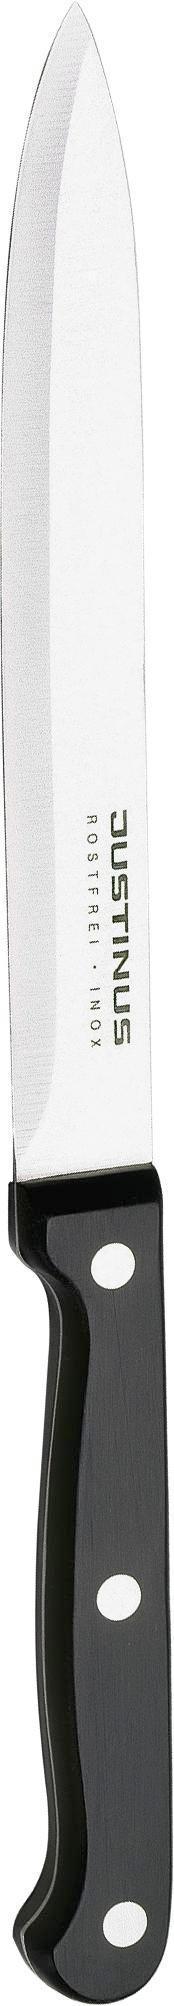 SCHINKENMESSER KüchenChef - Schwarz, Kunststoff/Metall (25cm) - JUSTINUS